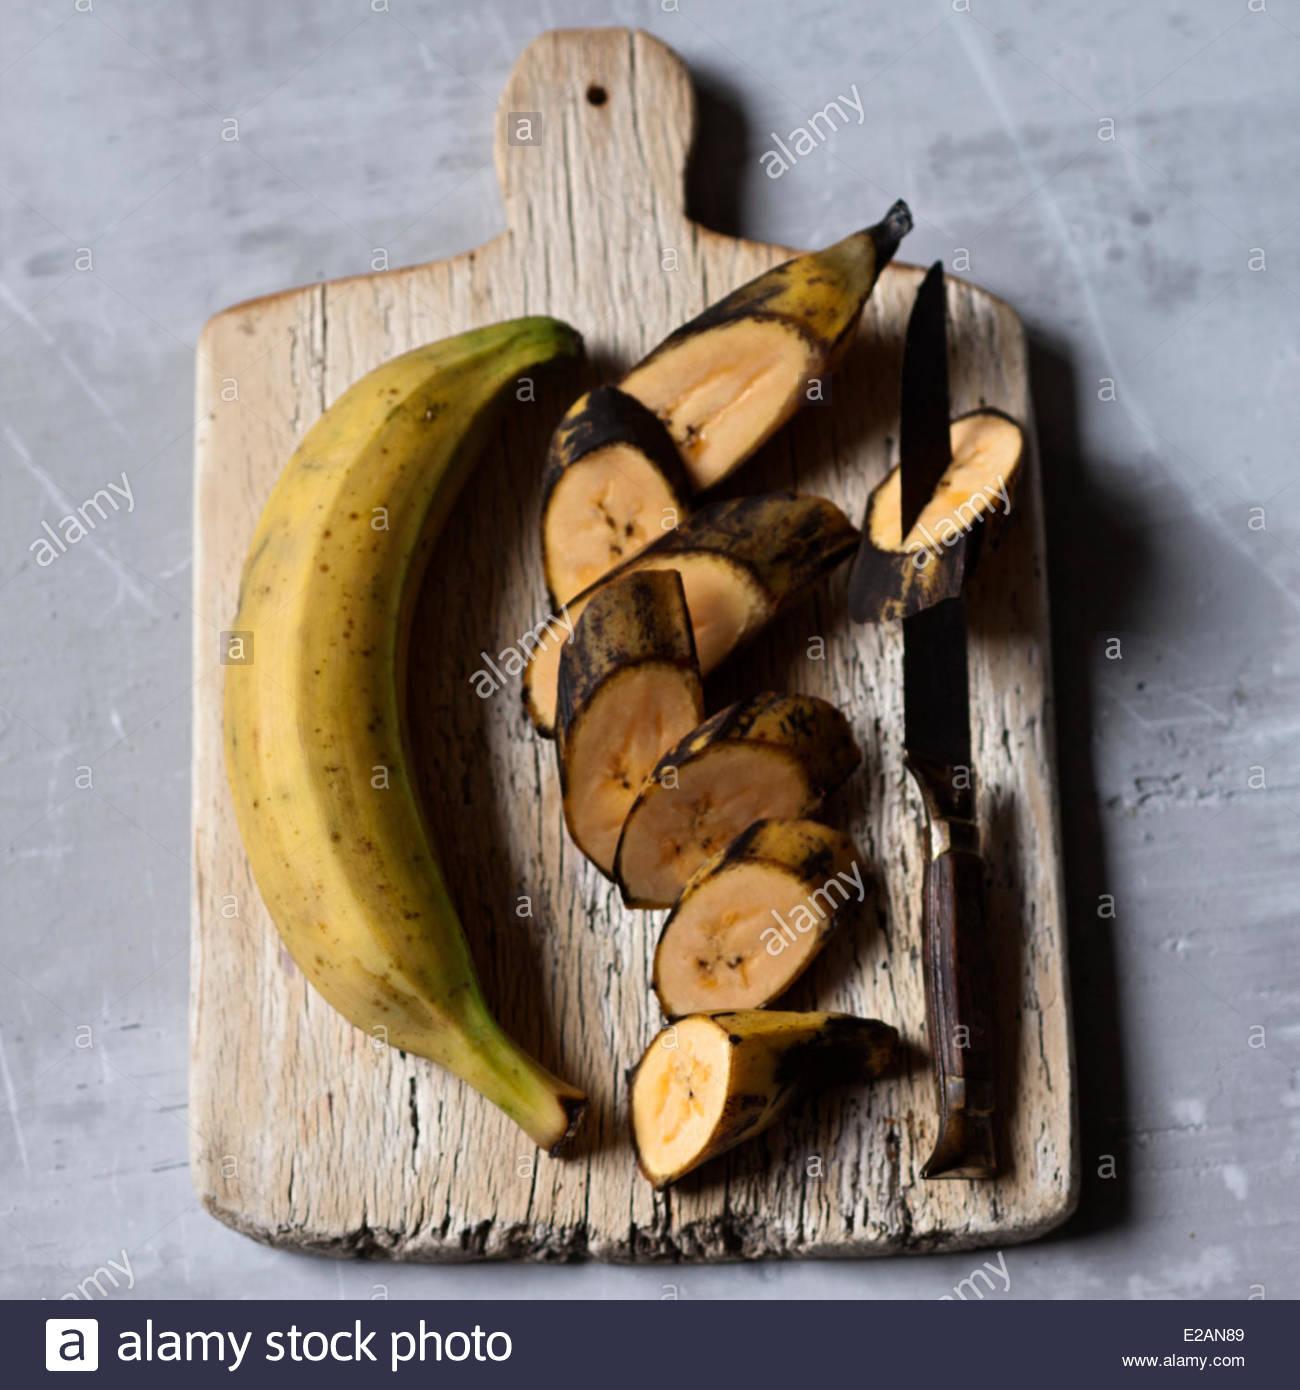 Gastronomie général, plantain, styling, Valérie Lhomme Photo Stock